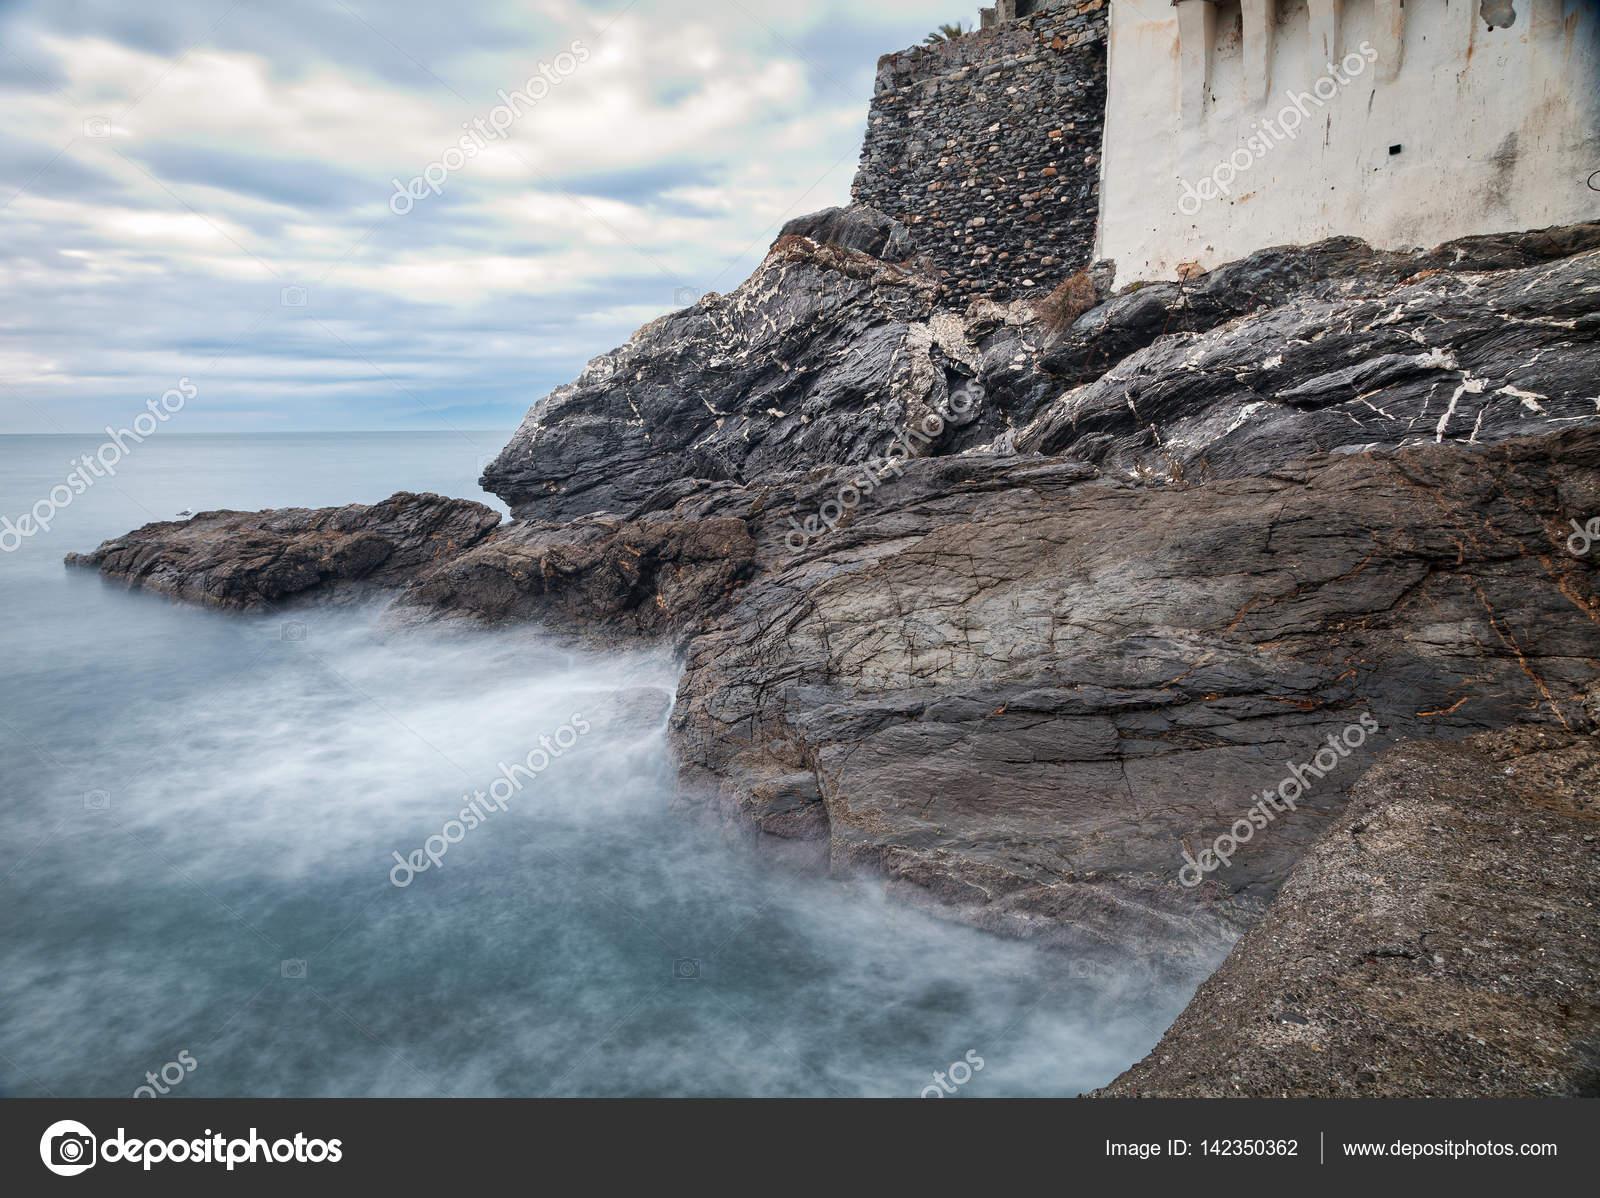 Camogli le rocce di mare immagine a colori foto stock - Immagine di terra a colori ...